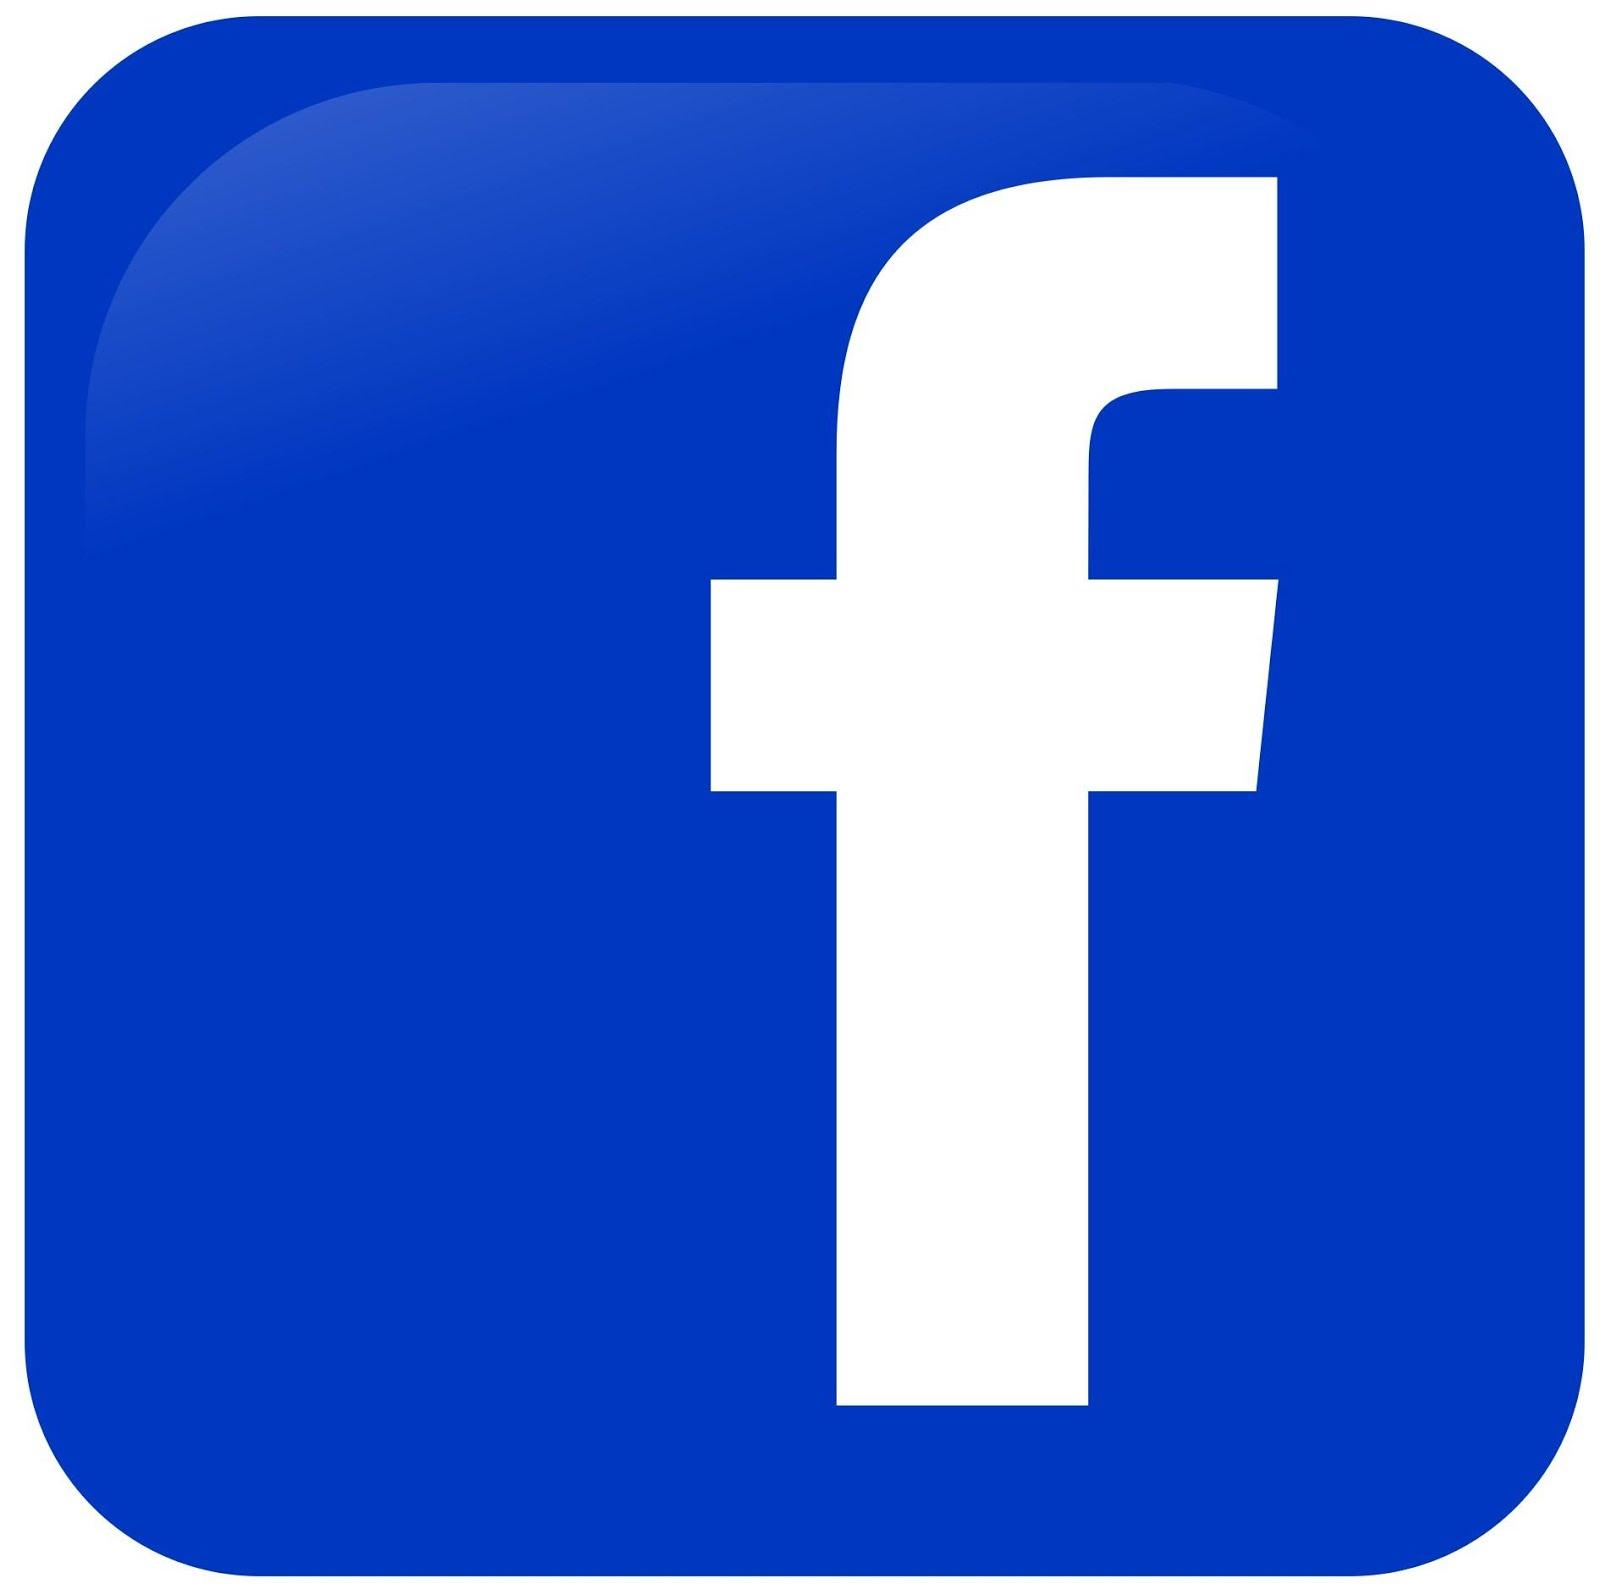 BUSCANOS en Facebook (haz click en la imagen)